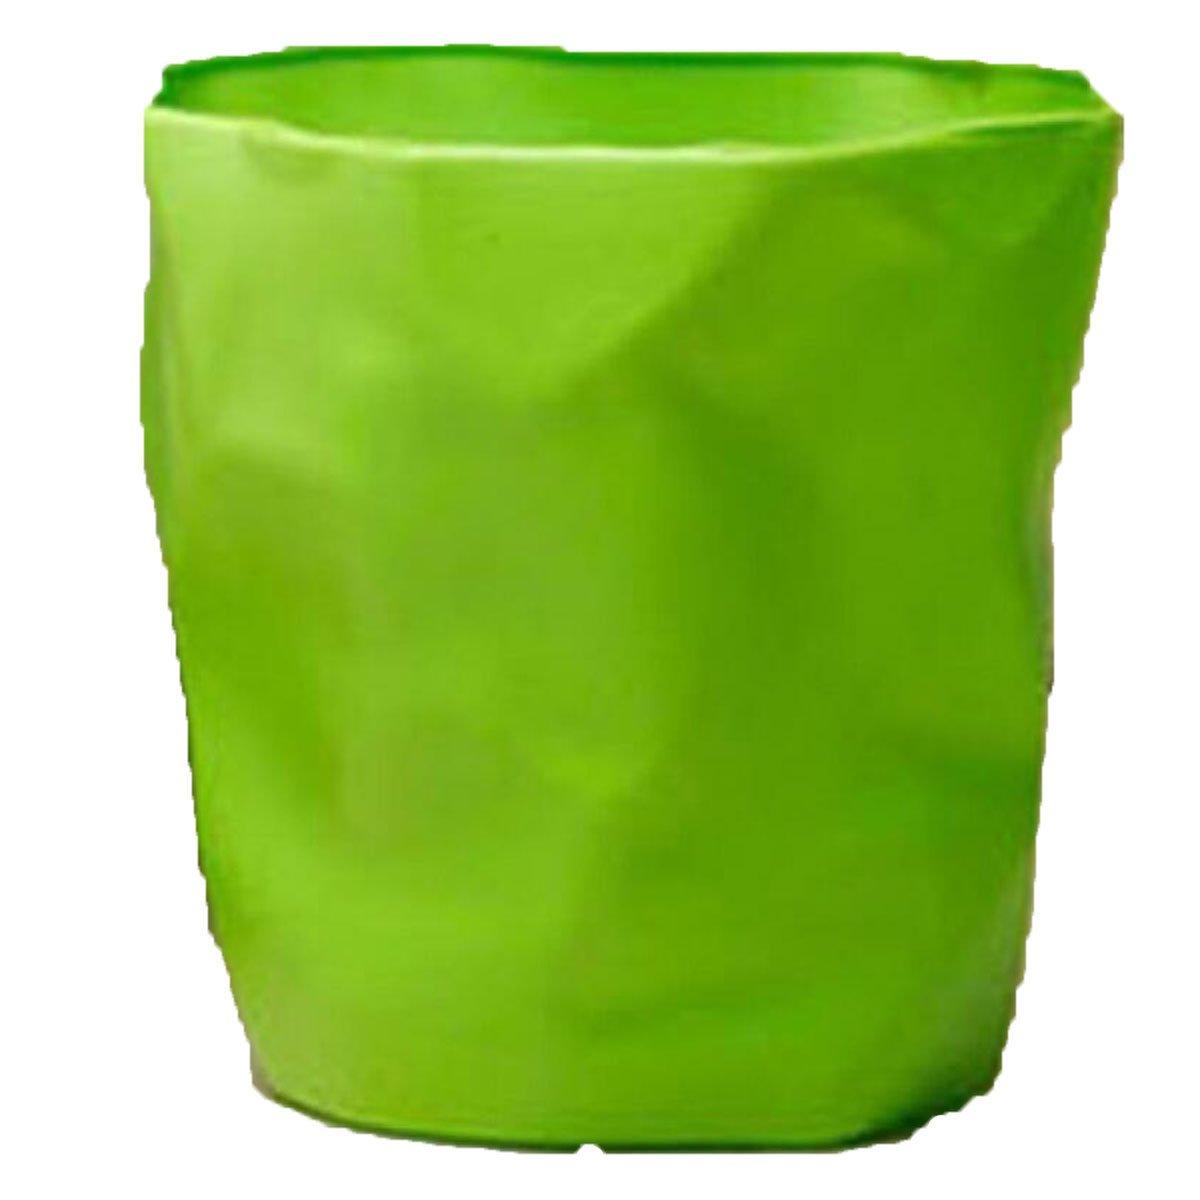 Jia Qing Papelera De Plástico Sala De Cocina Estar Cocina De Baño Dormitorio De Oficina Con Tapa Reciclaje Bin,Naranja 3a1e7d